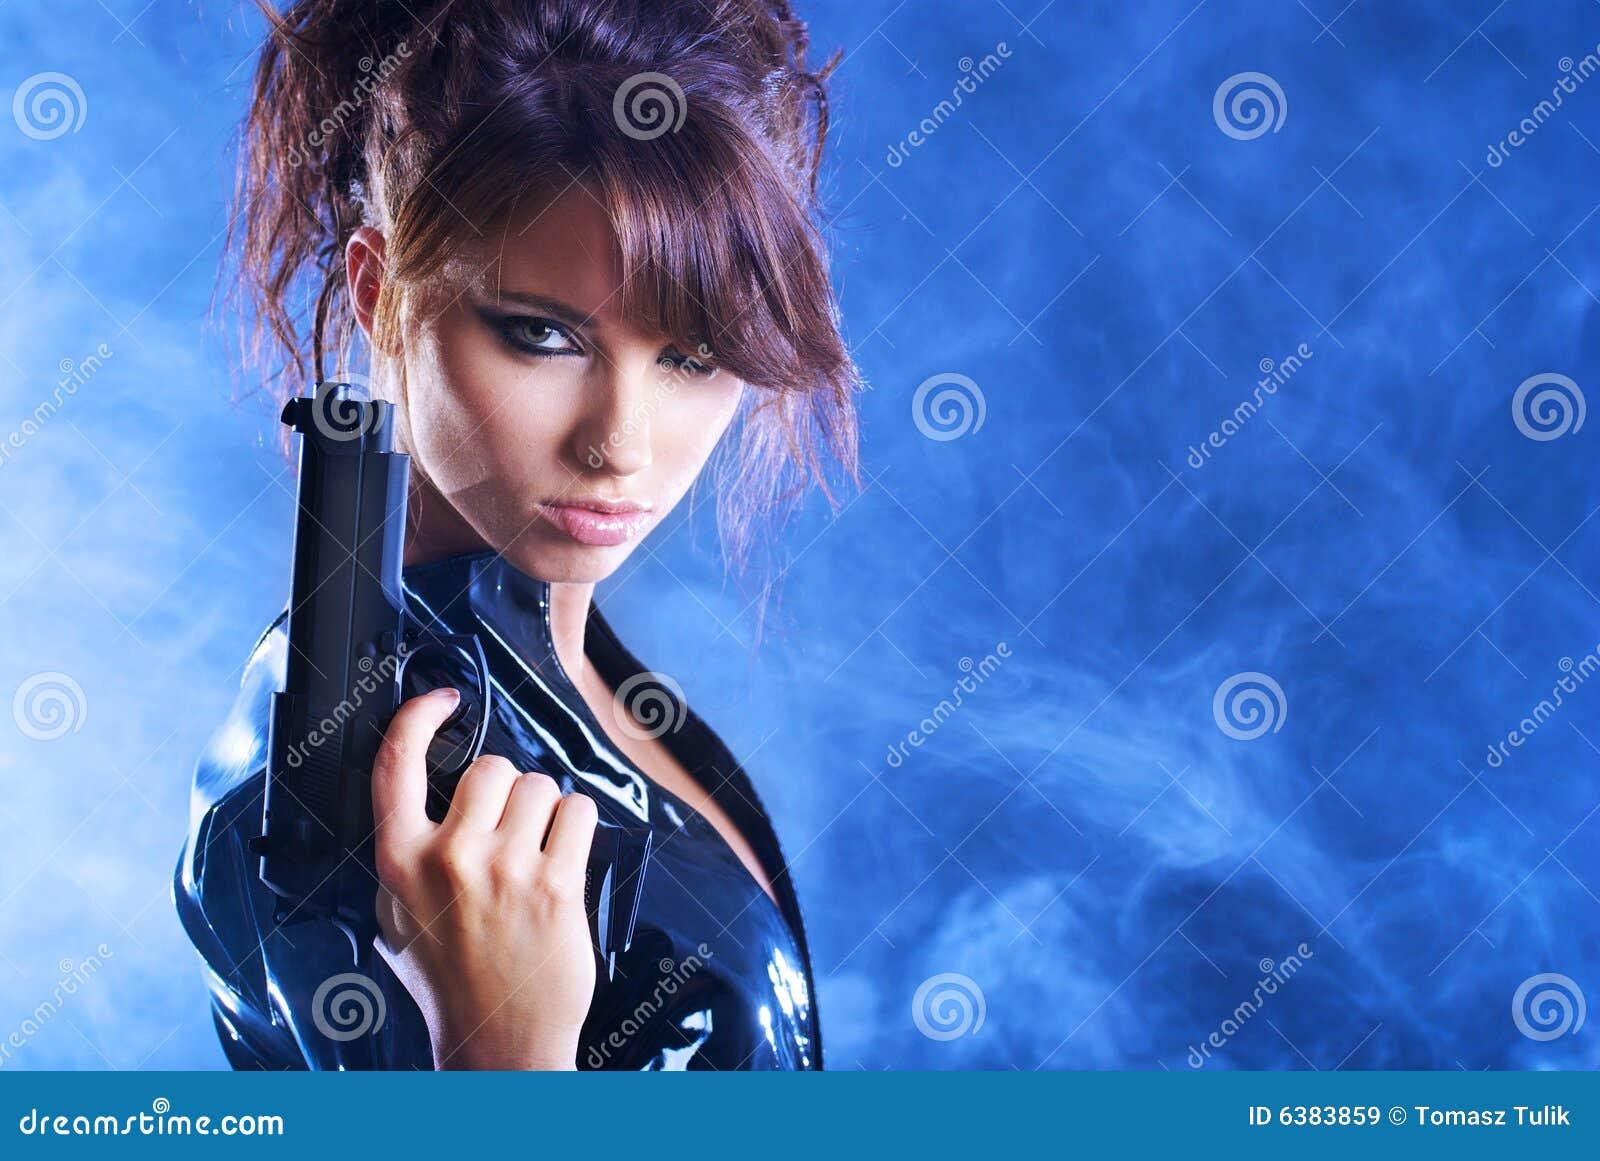 女孩性感枪的藏品